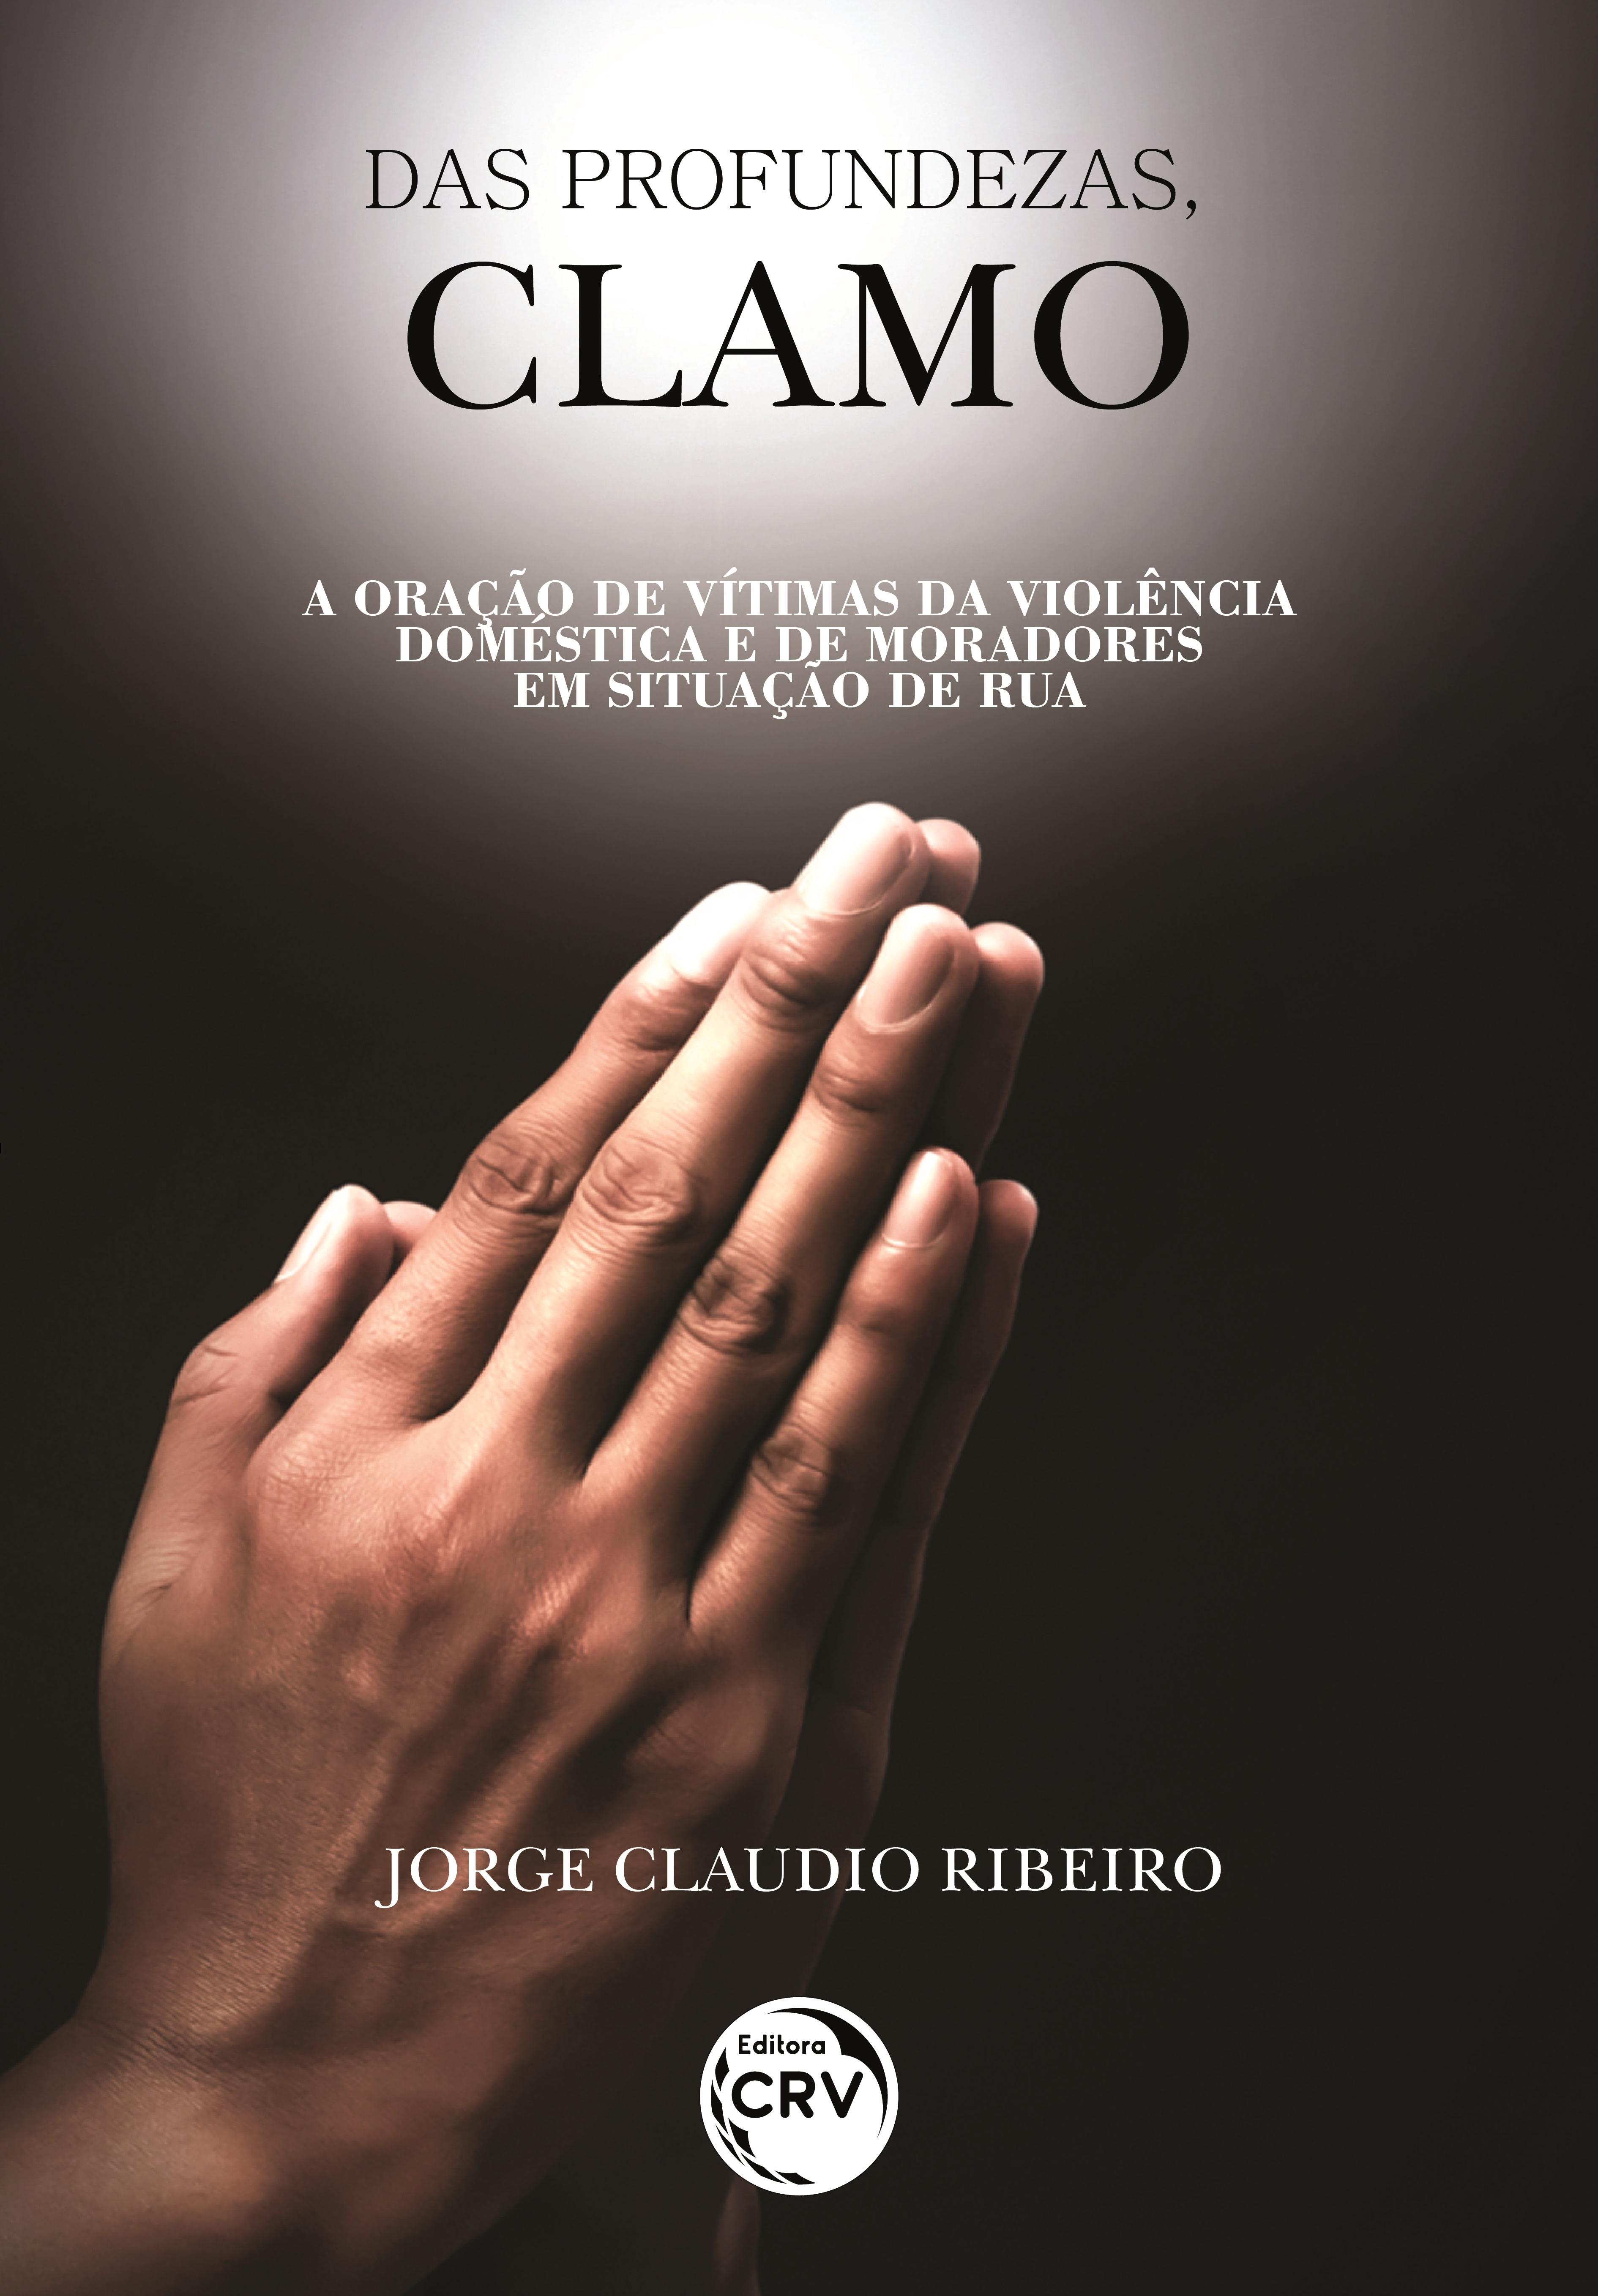 Capa do livro: DAS PROFUNDEZAS, CLAMO <br>A oração de vítimas da violência doméstica e de moradores em situação de rua